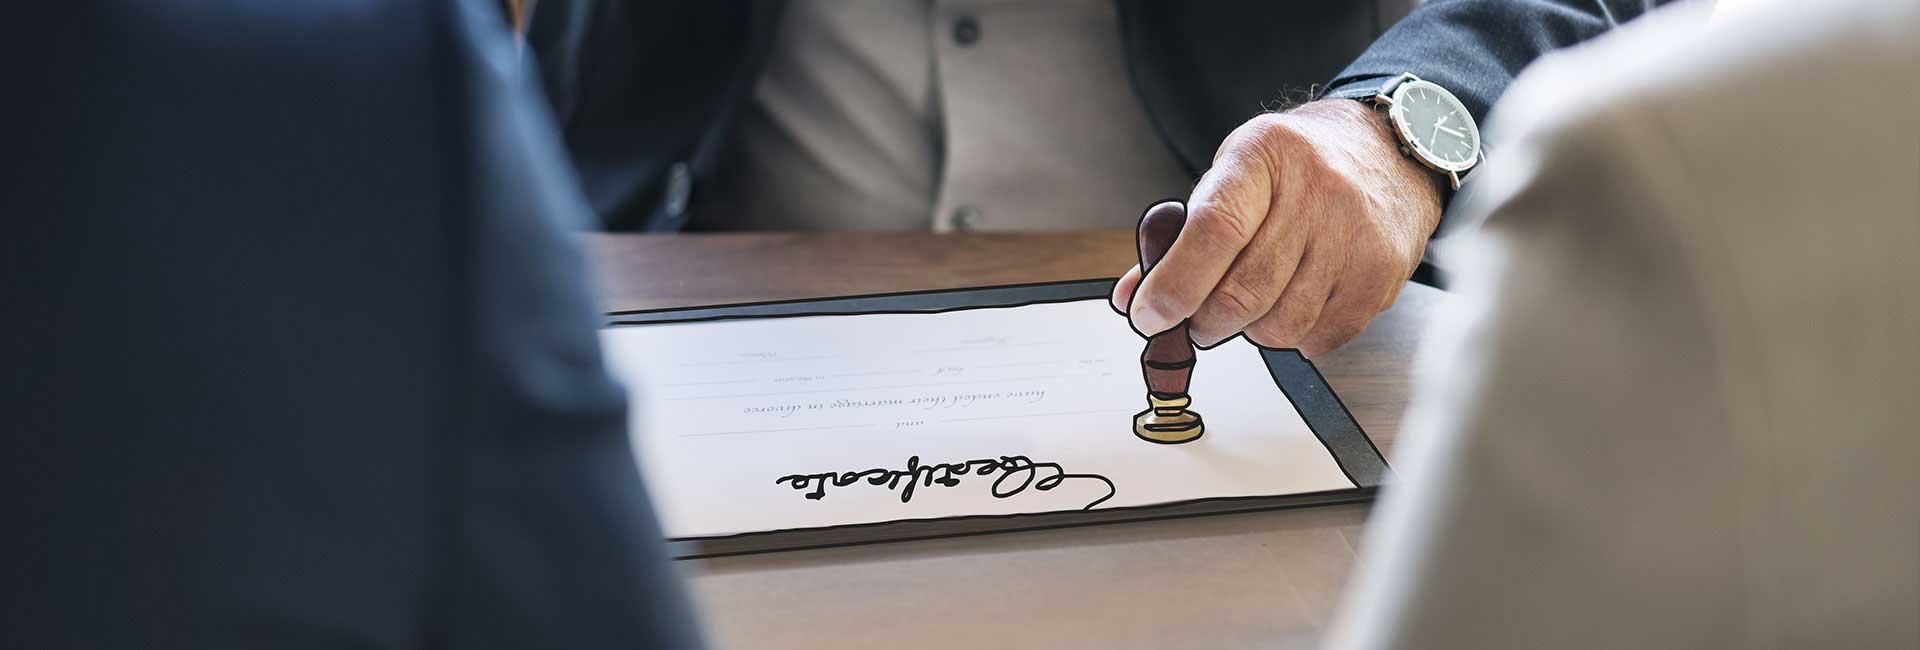 Immagine di un documento che viene timbrato